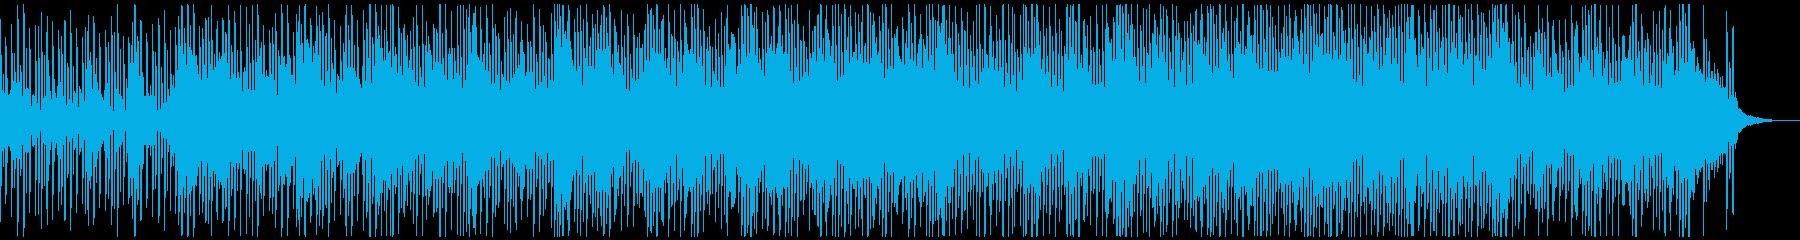 キラキラでエモかわいいエレクトロニカの再生済みの波形